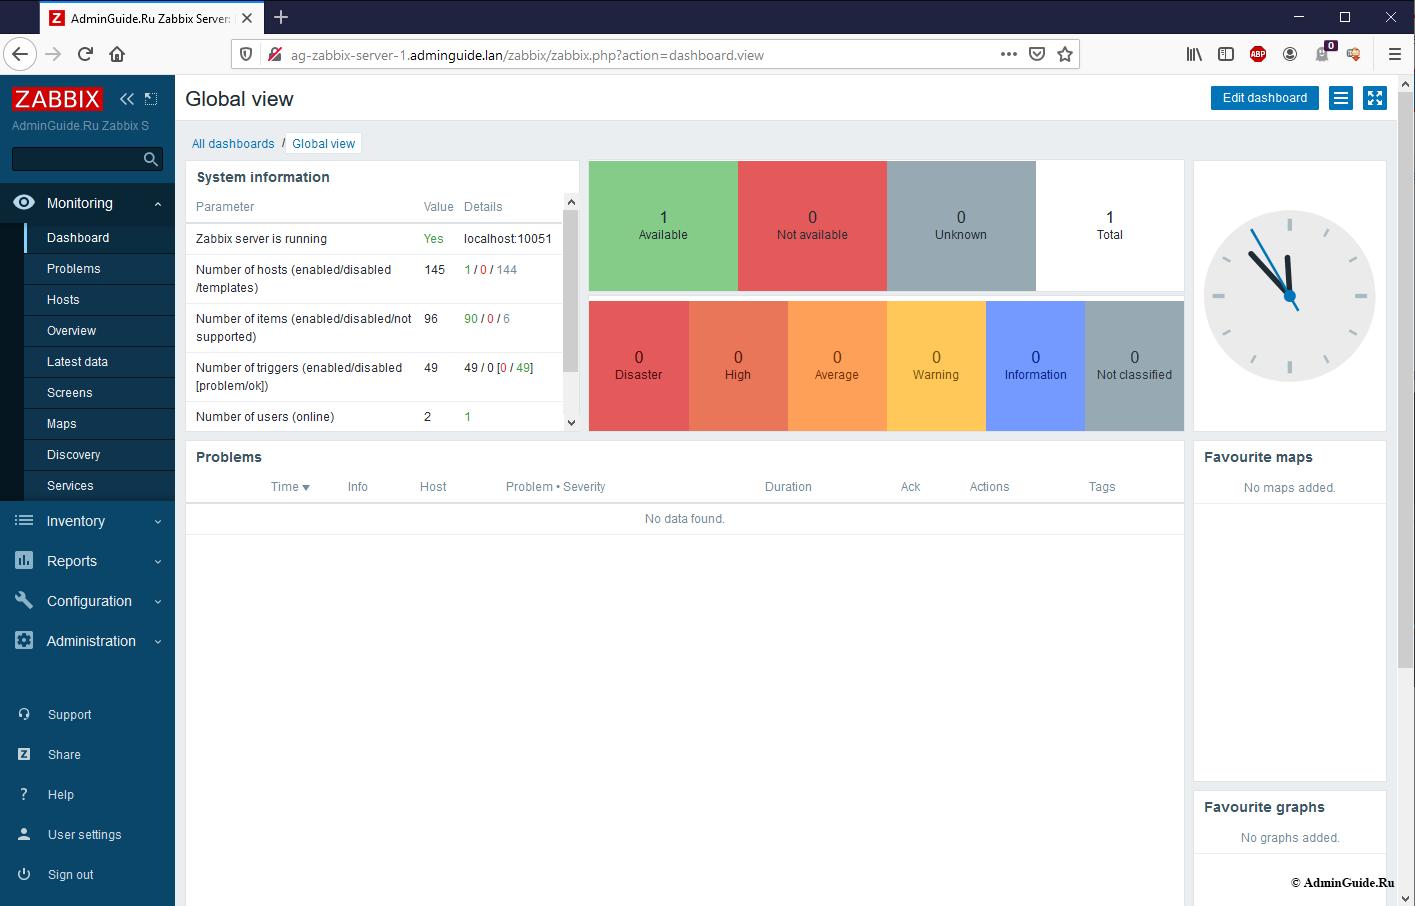 Установка Zabbix 5.0 из репозитория на Ubuntu 20.04 - Главный экран